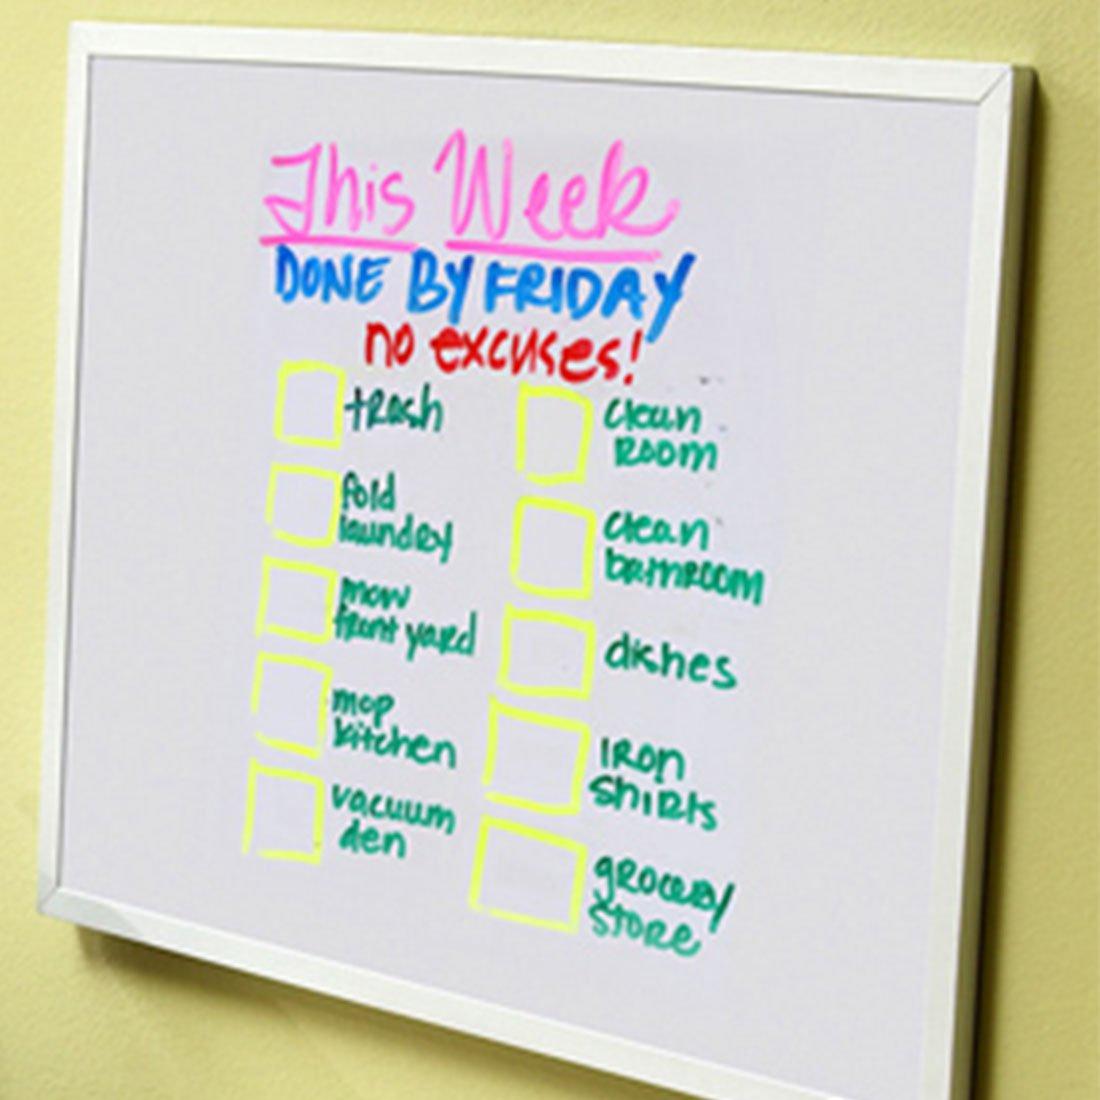 weekly-chore-list-written-on-whiteboard.jpg